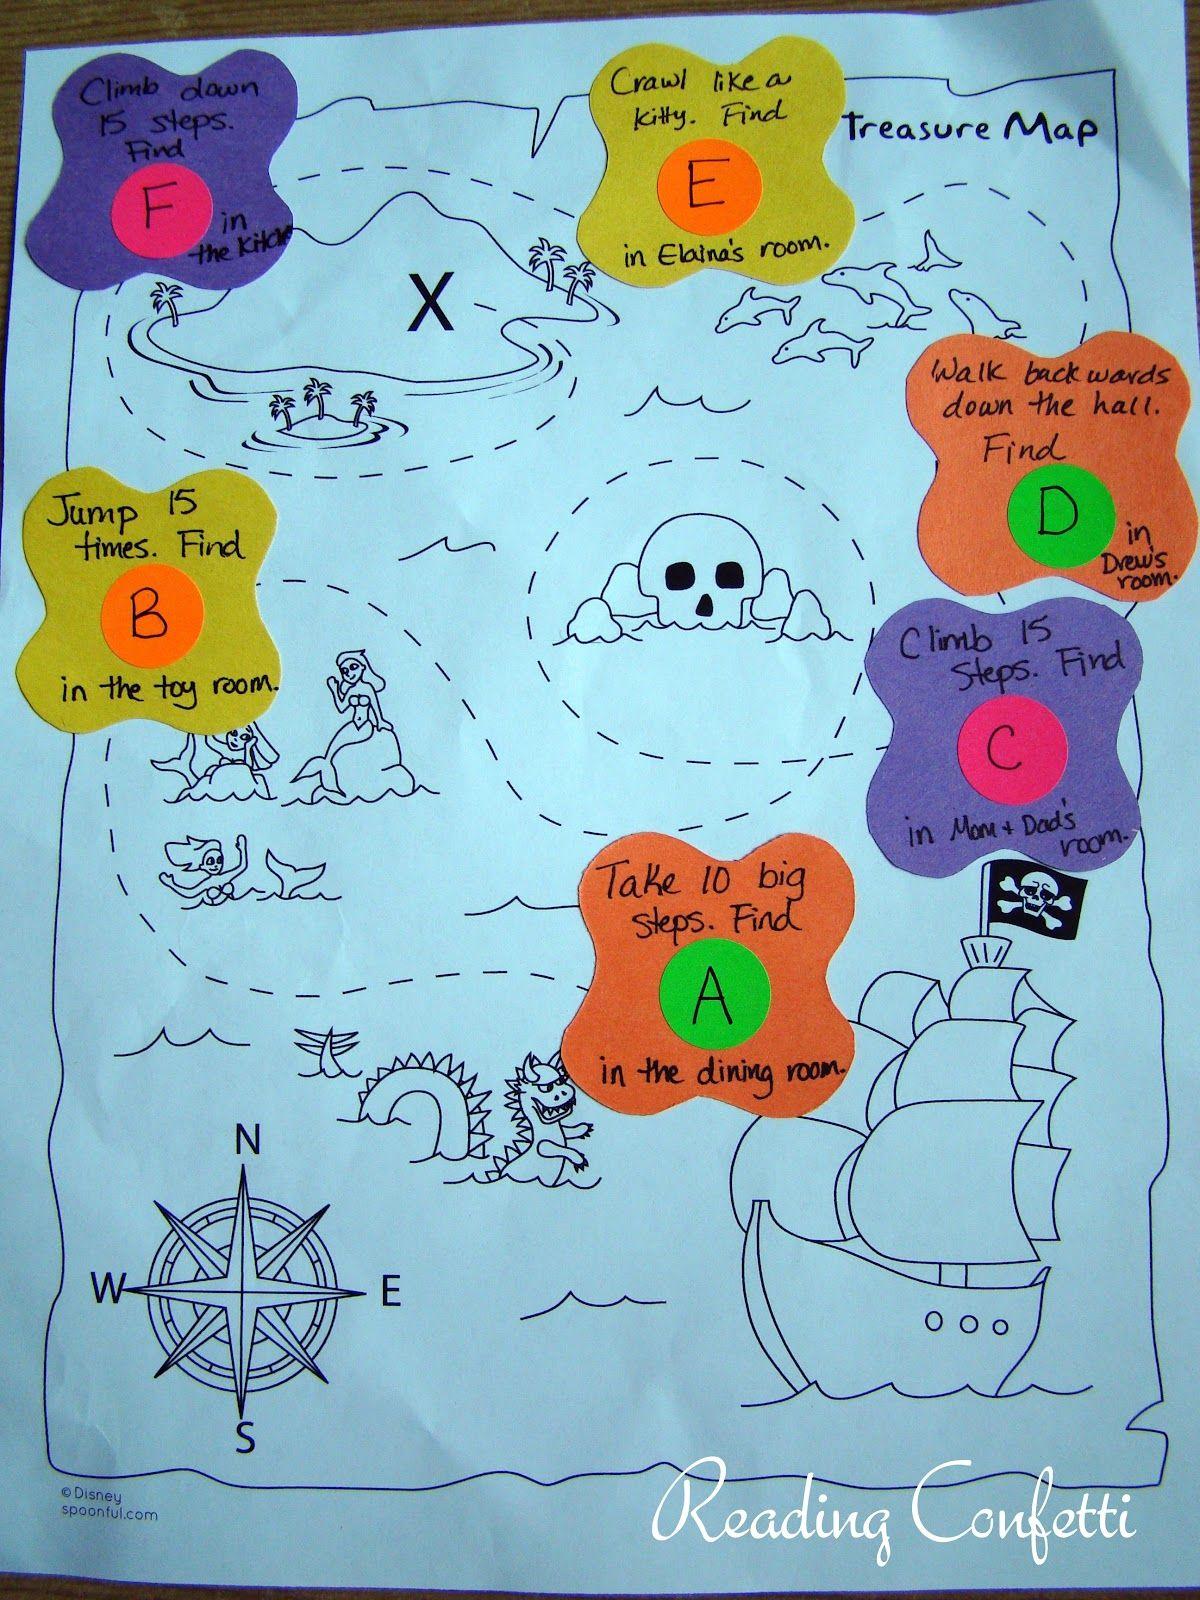 pirates treasure quick guide